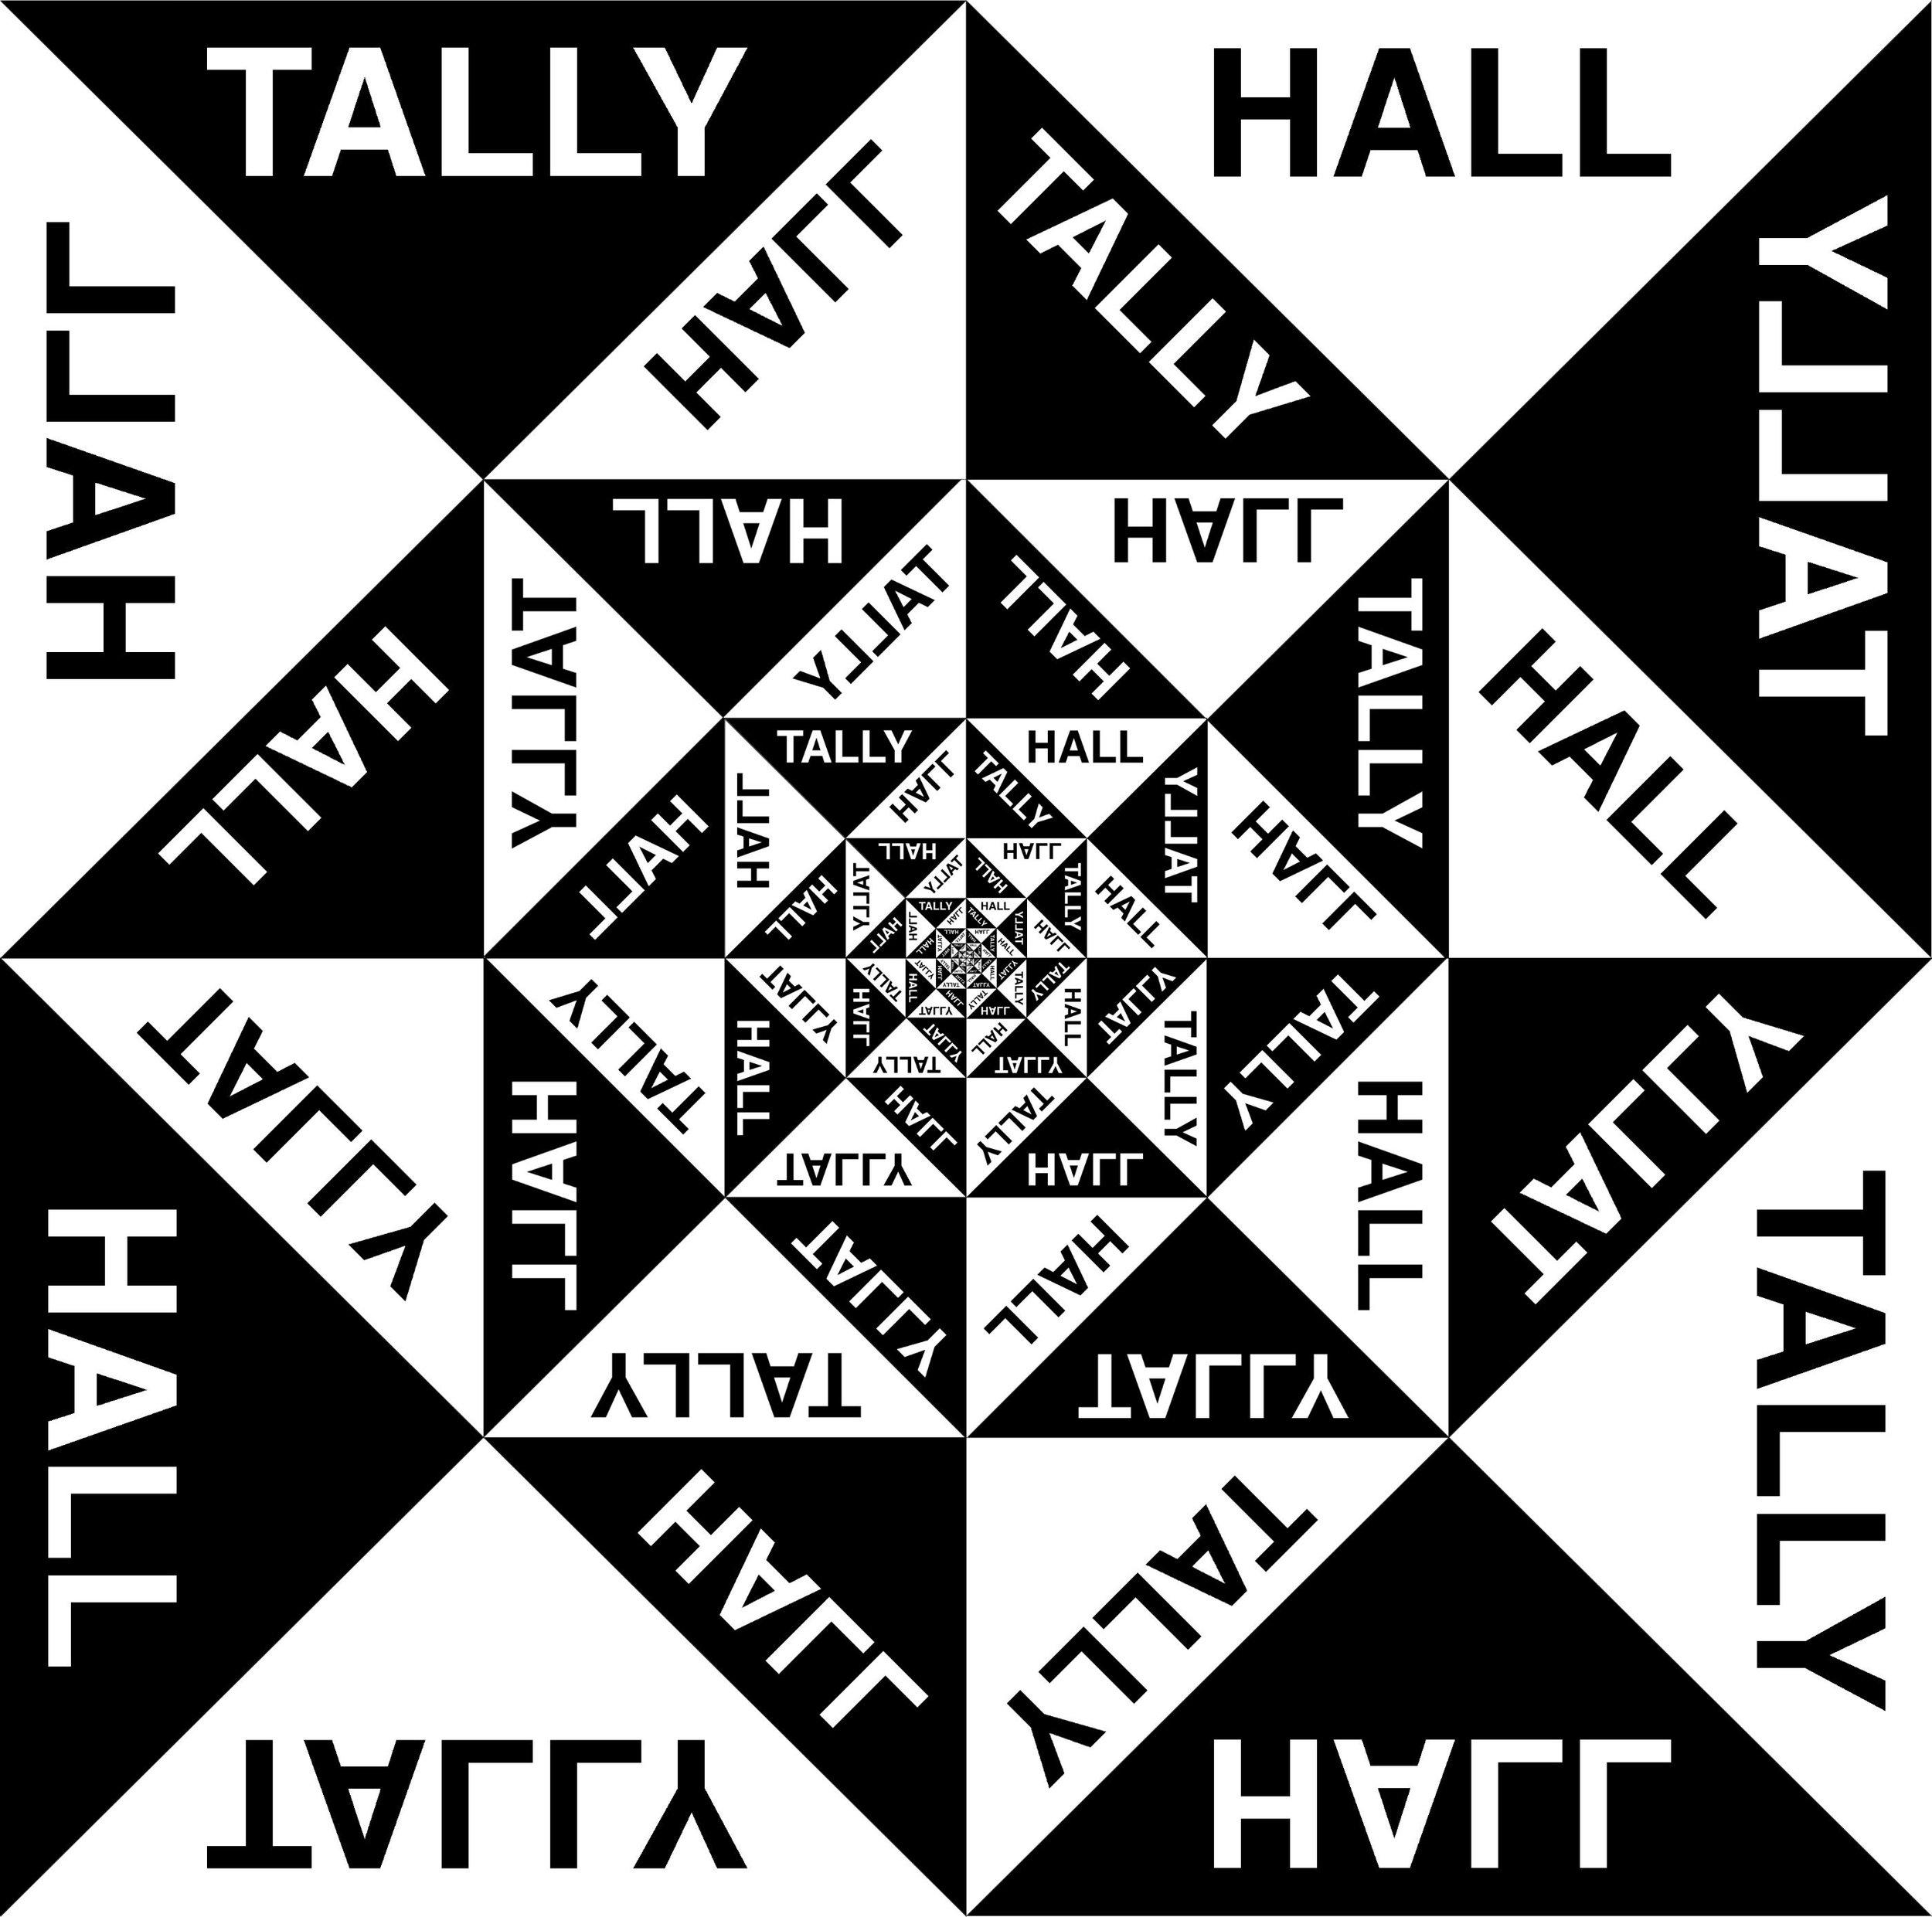 Tally Hall - Good & Evil (2011)